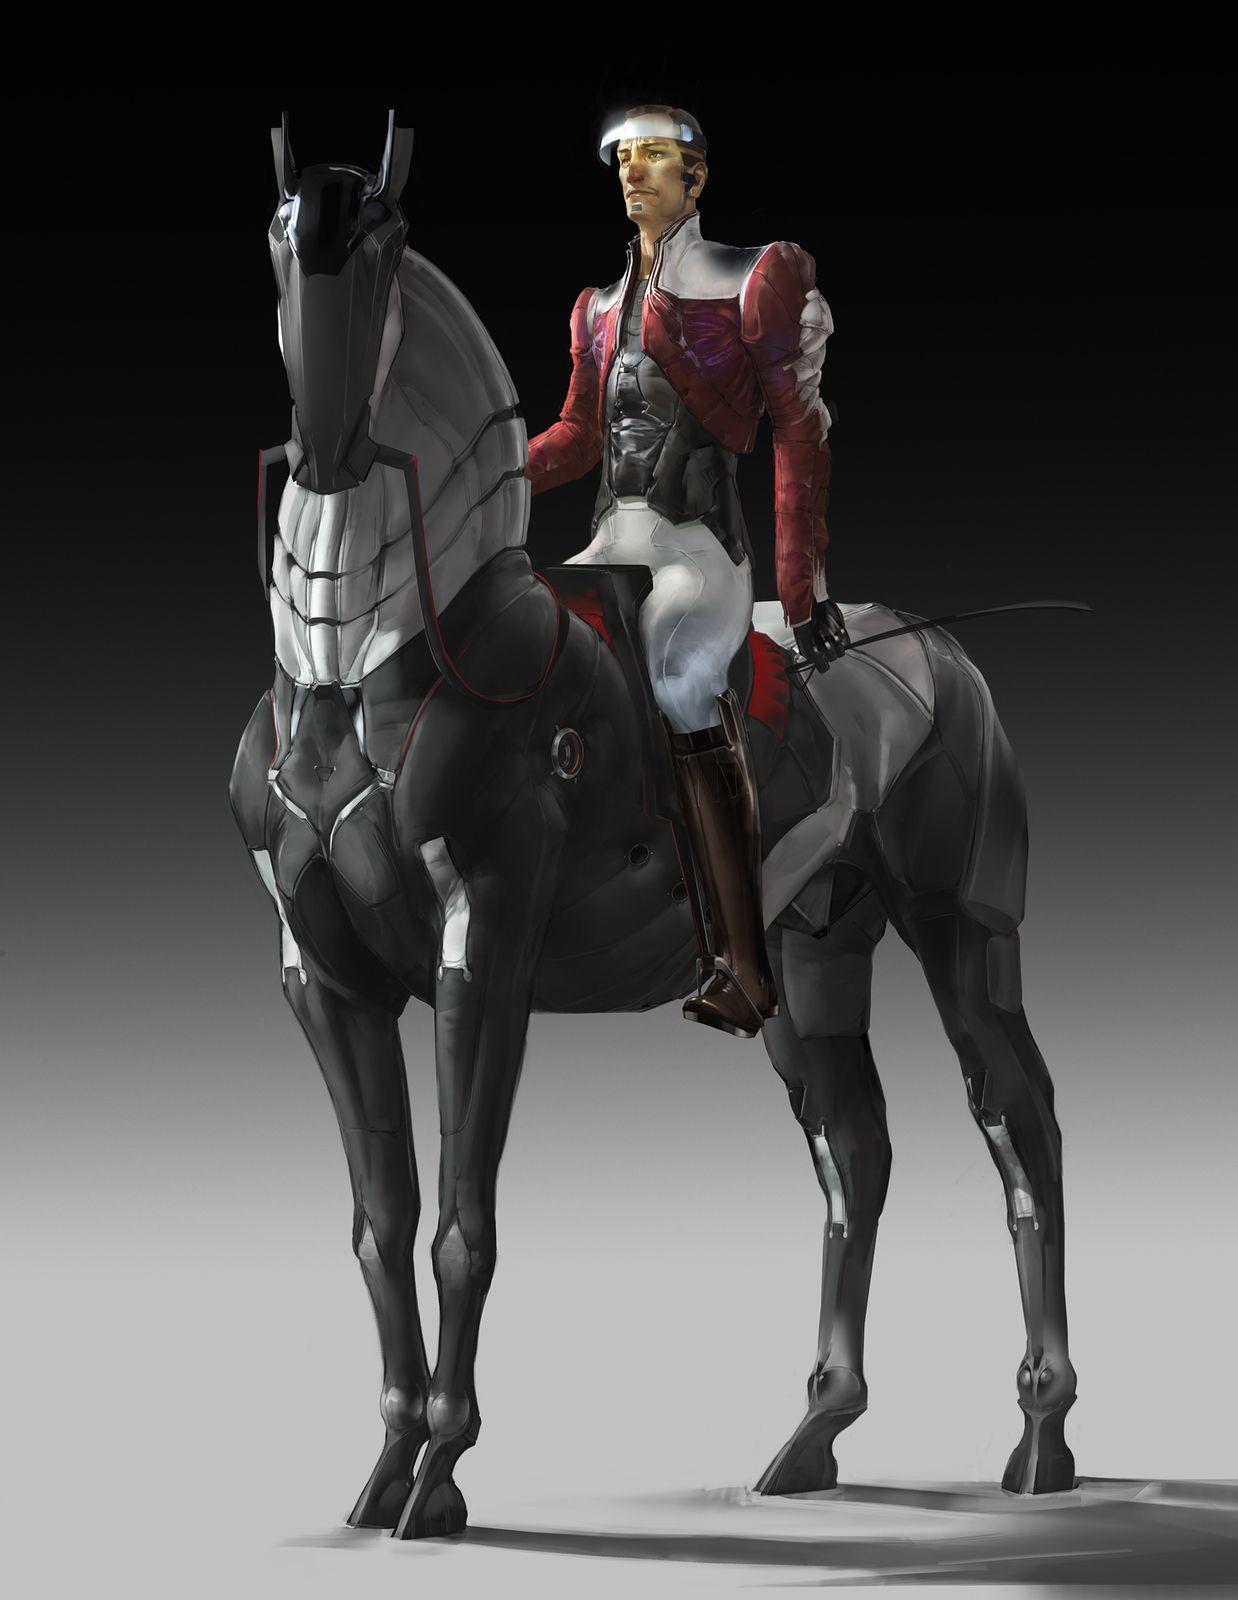 Nobleman (artificial steed), Mikhail Rakhmatullin